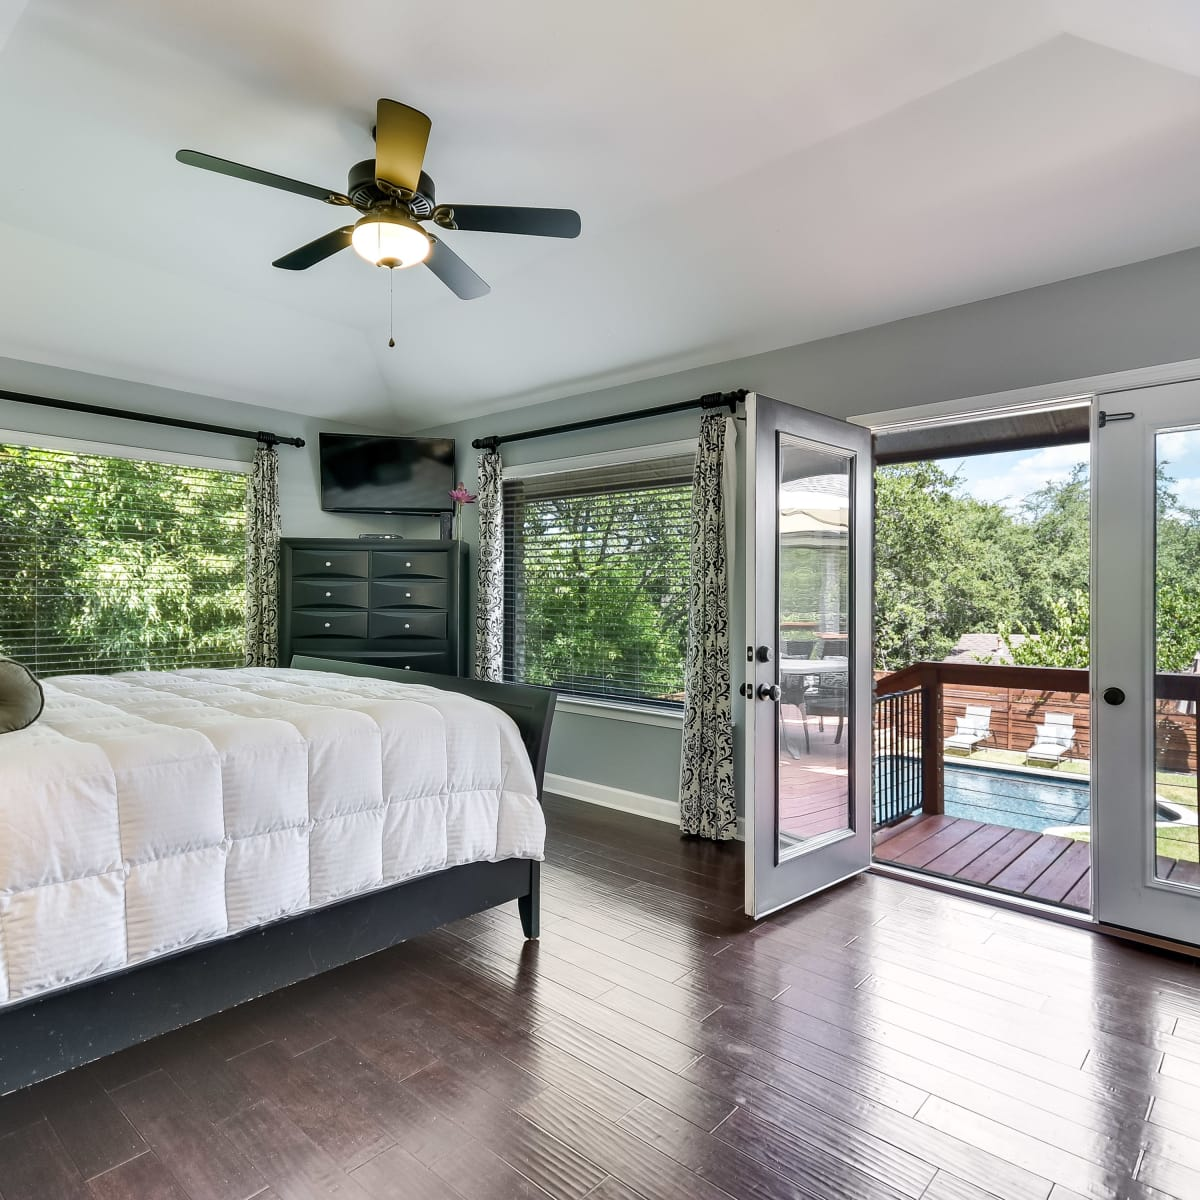 3914 Glengarry Dr Austin house for sale master bedroom